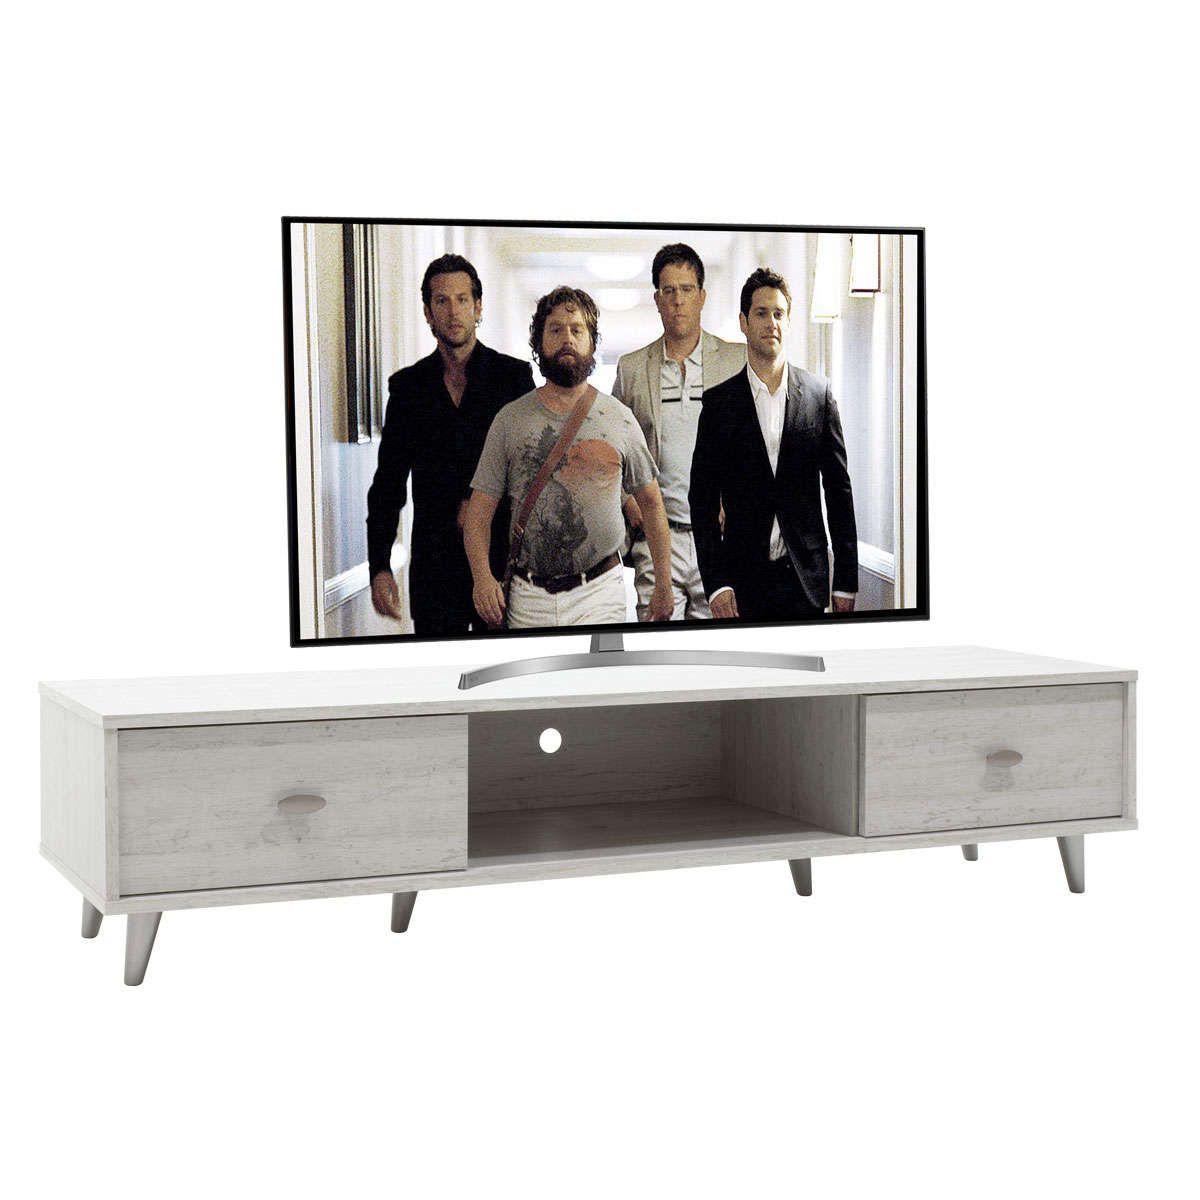 Έπιπλο Τηλεόρασης Firenze Γκρι-Λευκό 150,5X41X33Cm 049-000012